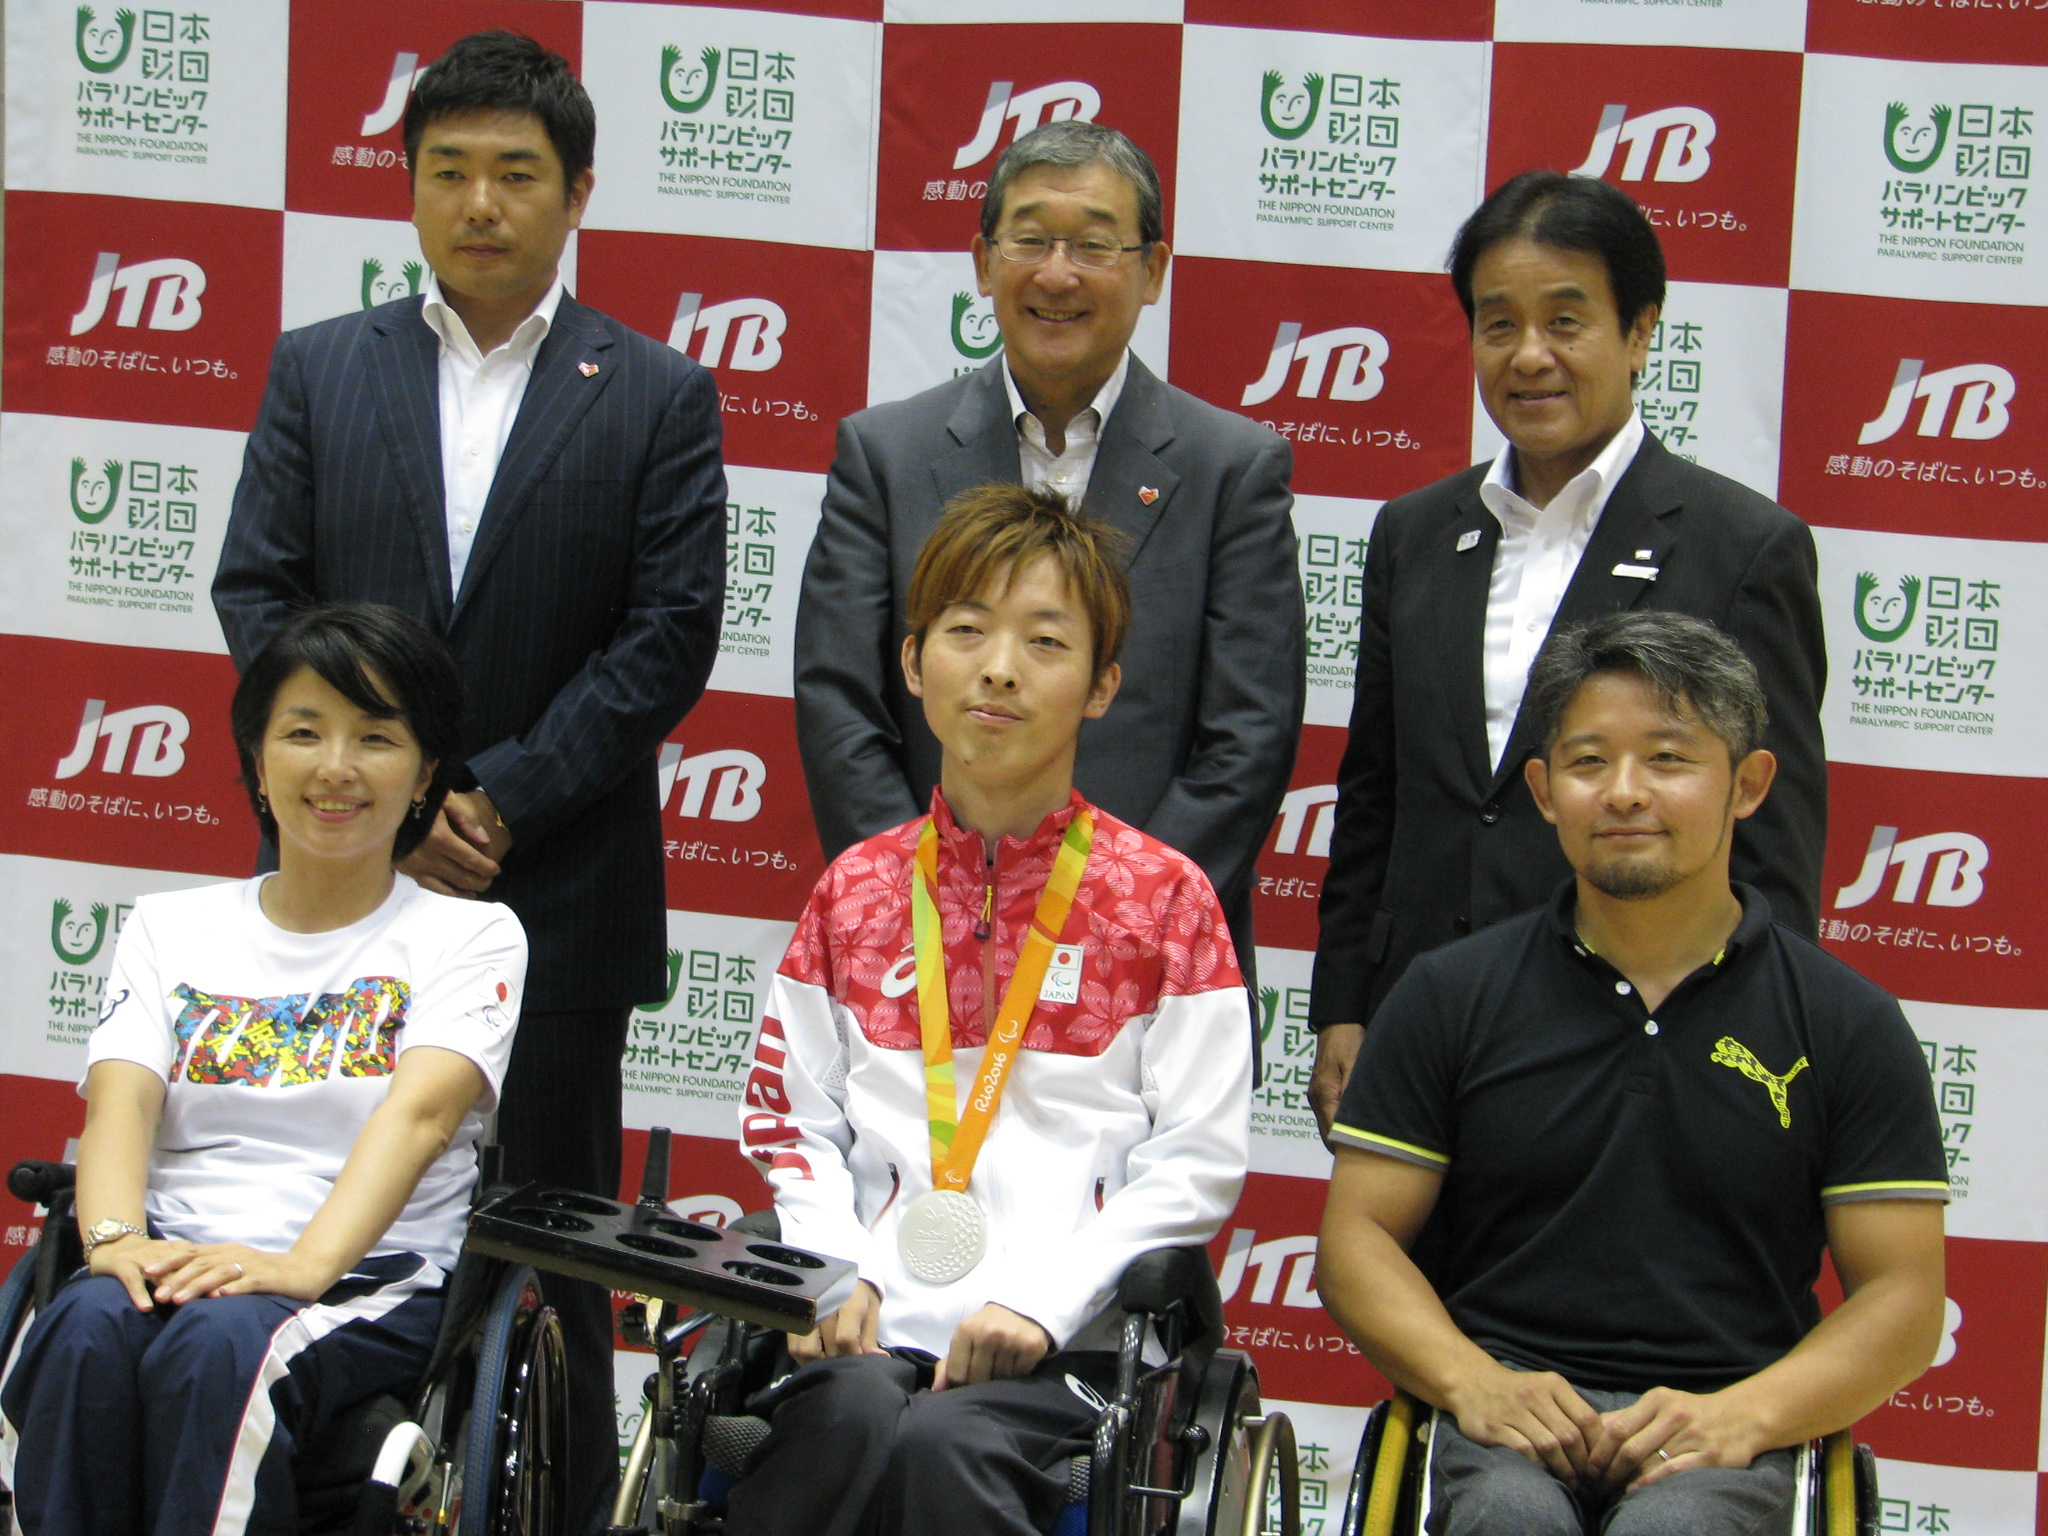 パラリンピック競技を運動会で体験できる新プログラム、自治体や企業MICEに対応、JTBと日本財団が開発